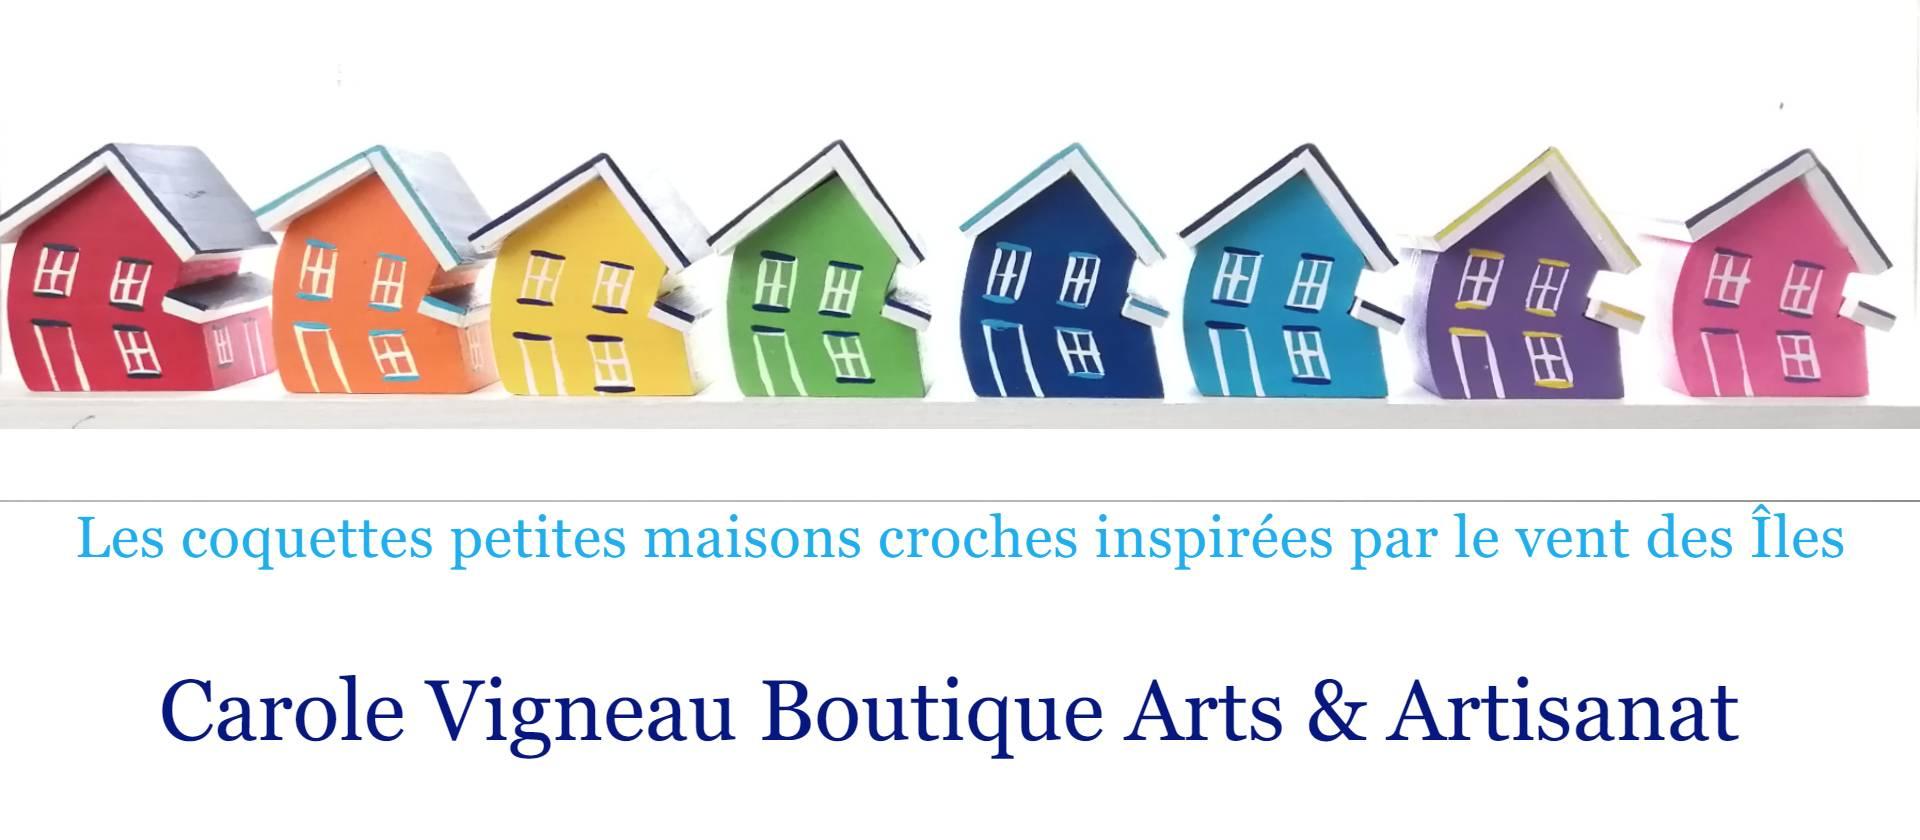 Les petites maisons croches de Carole Vigneau